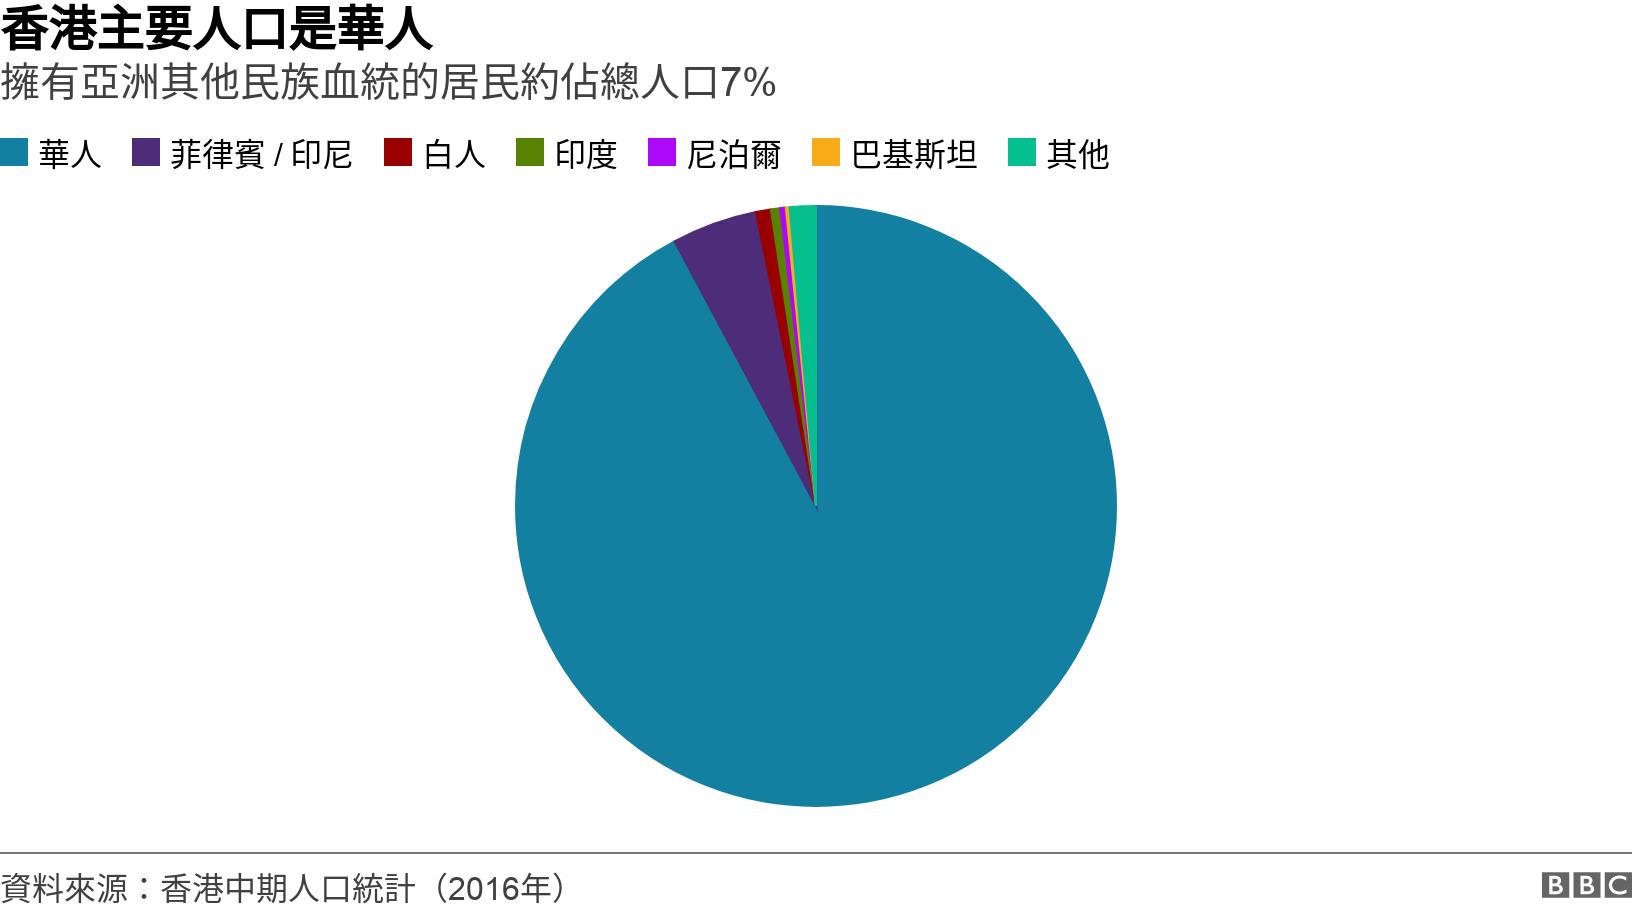 香港主要人口是華人. 擁有亞洲其他民族血統的居民約佔總人口7%.  .